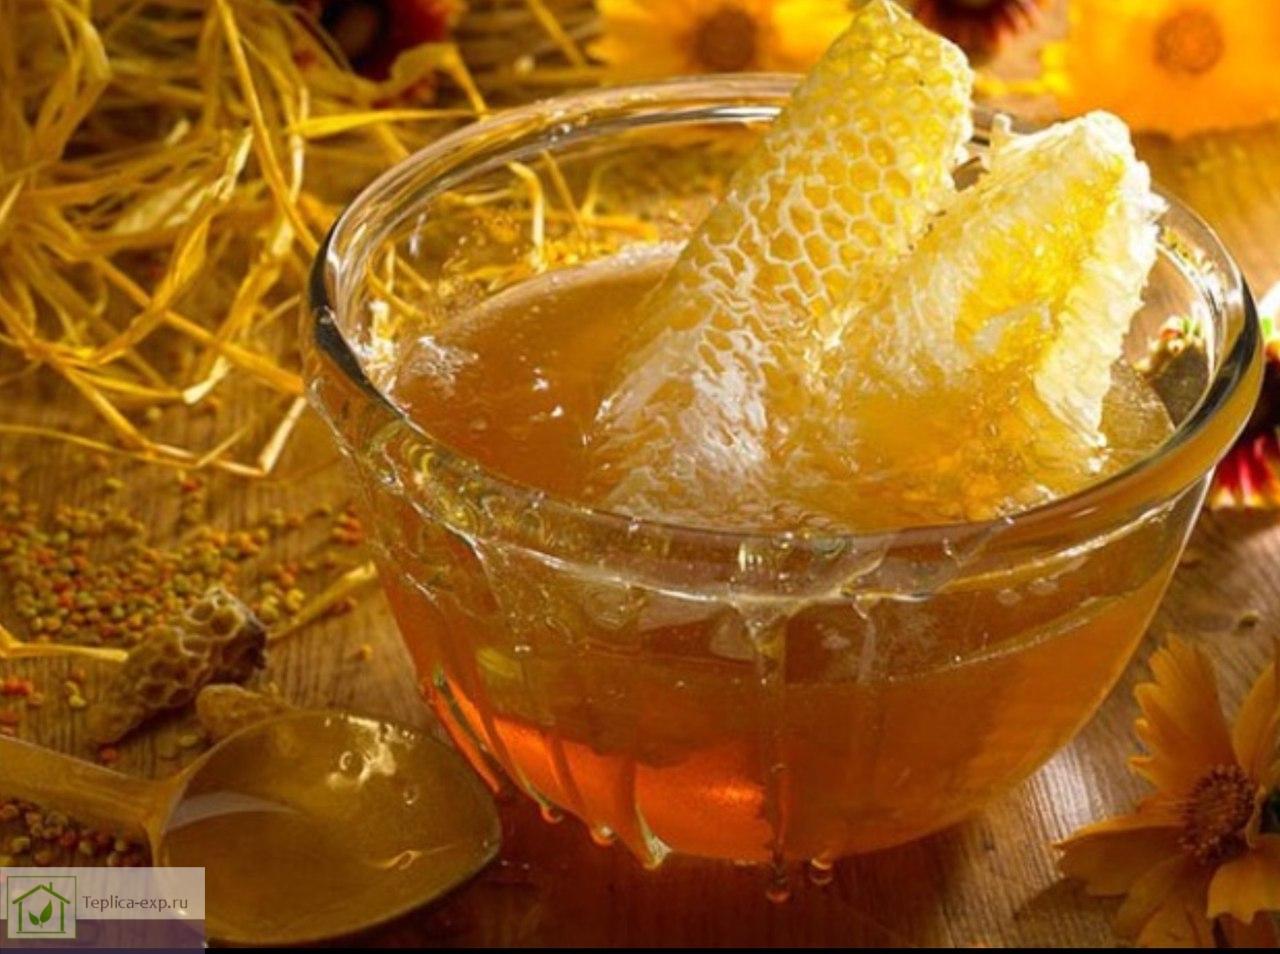 Мед имеет массу полезных свойств